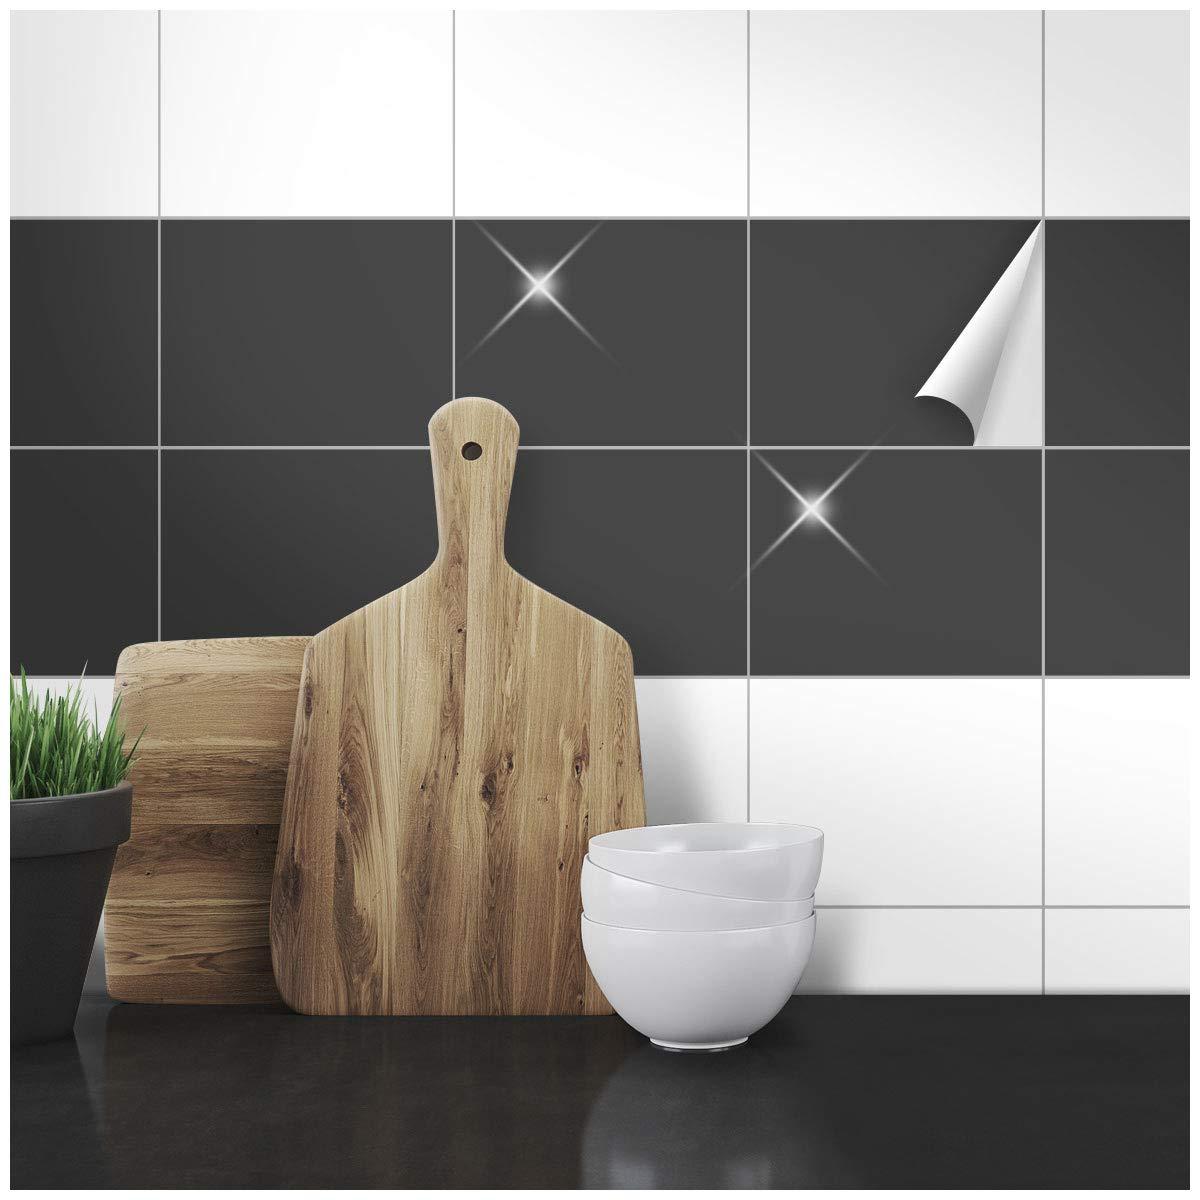 Wandkings Fliesenaufkleber - Wähle eine Farbe & Größe - Anthrazit Glänzend - 14,7 x 19,7 cm - 100 Stück für Fliesen in Küche, Bad & mehr